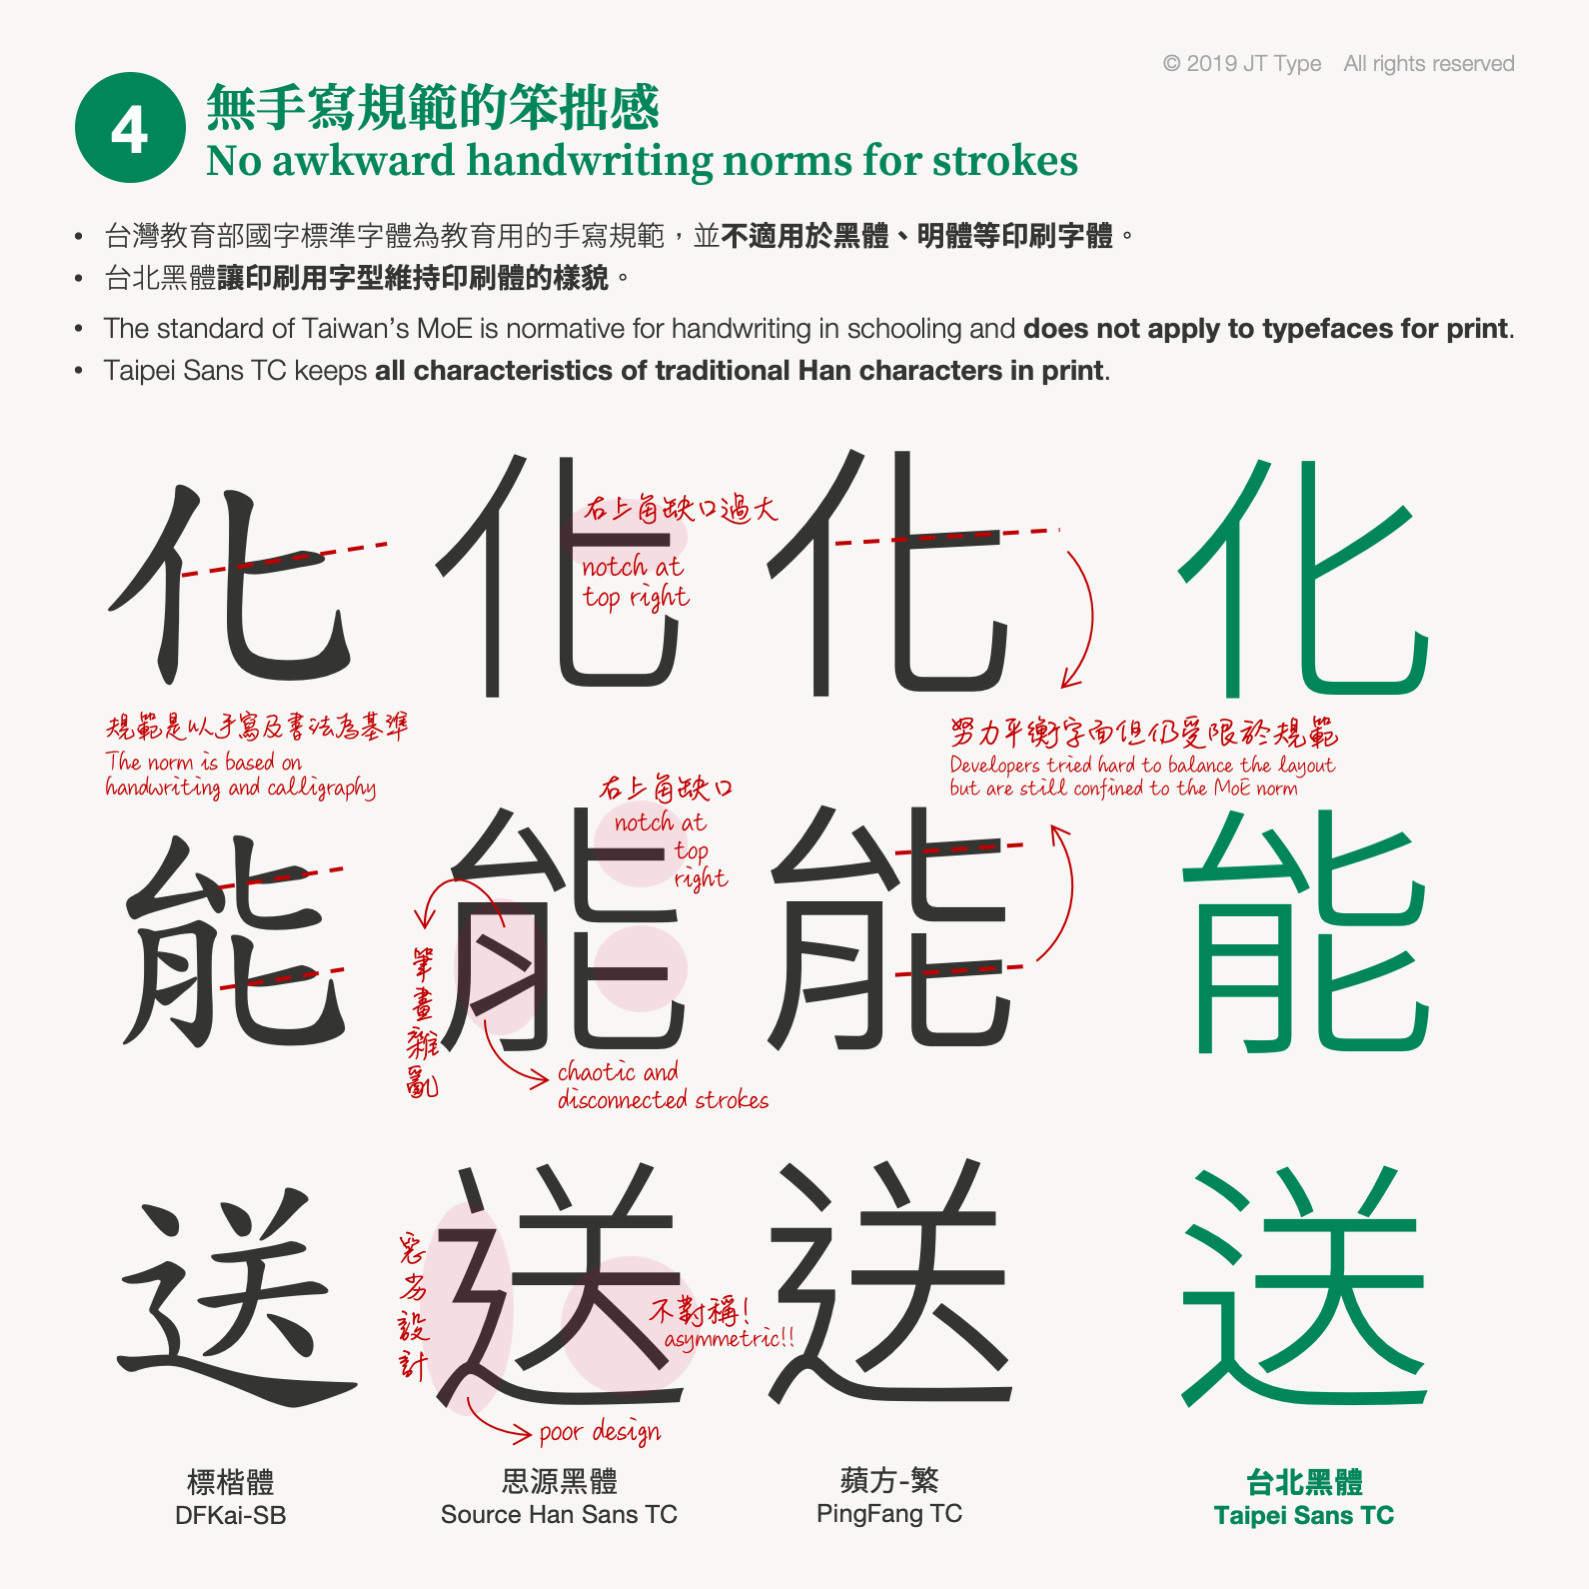 分享】2019/0630更新# 25個合法免費高品質字體(附載點) @場外休憩區哈啦